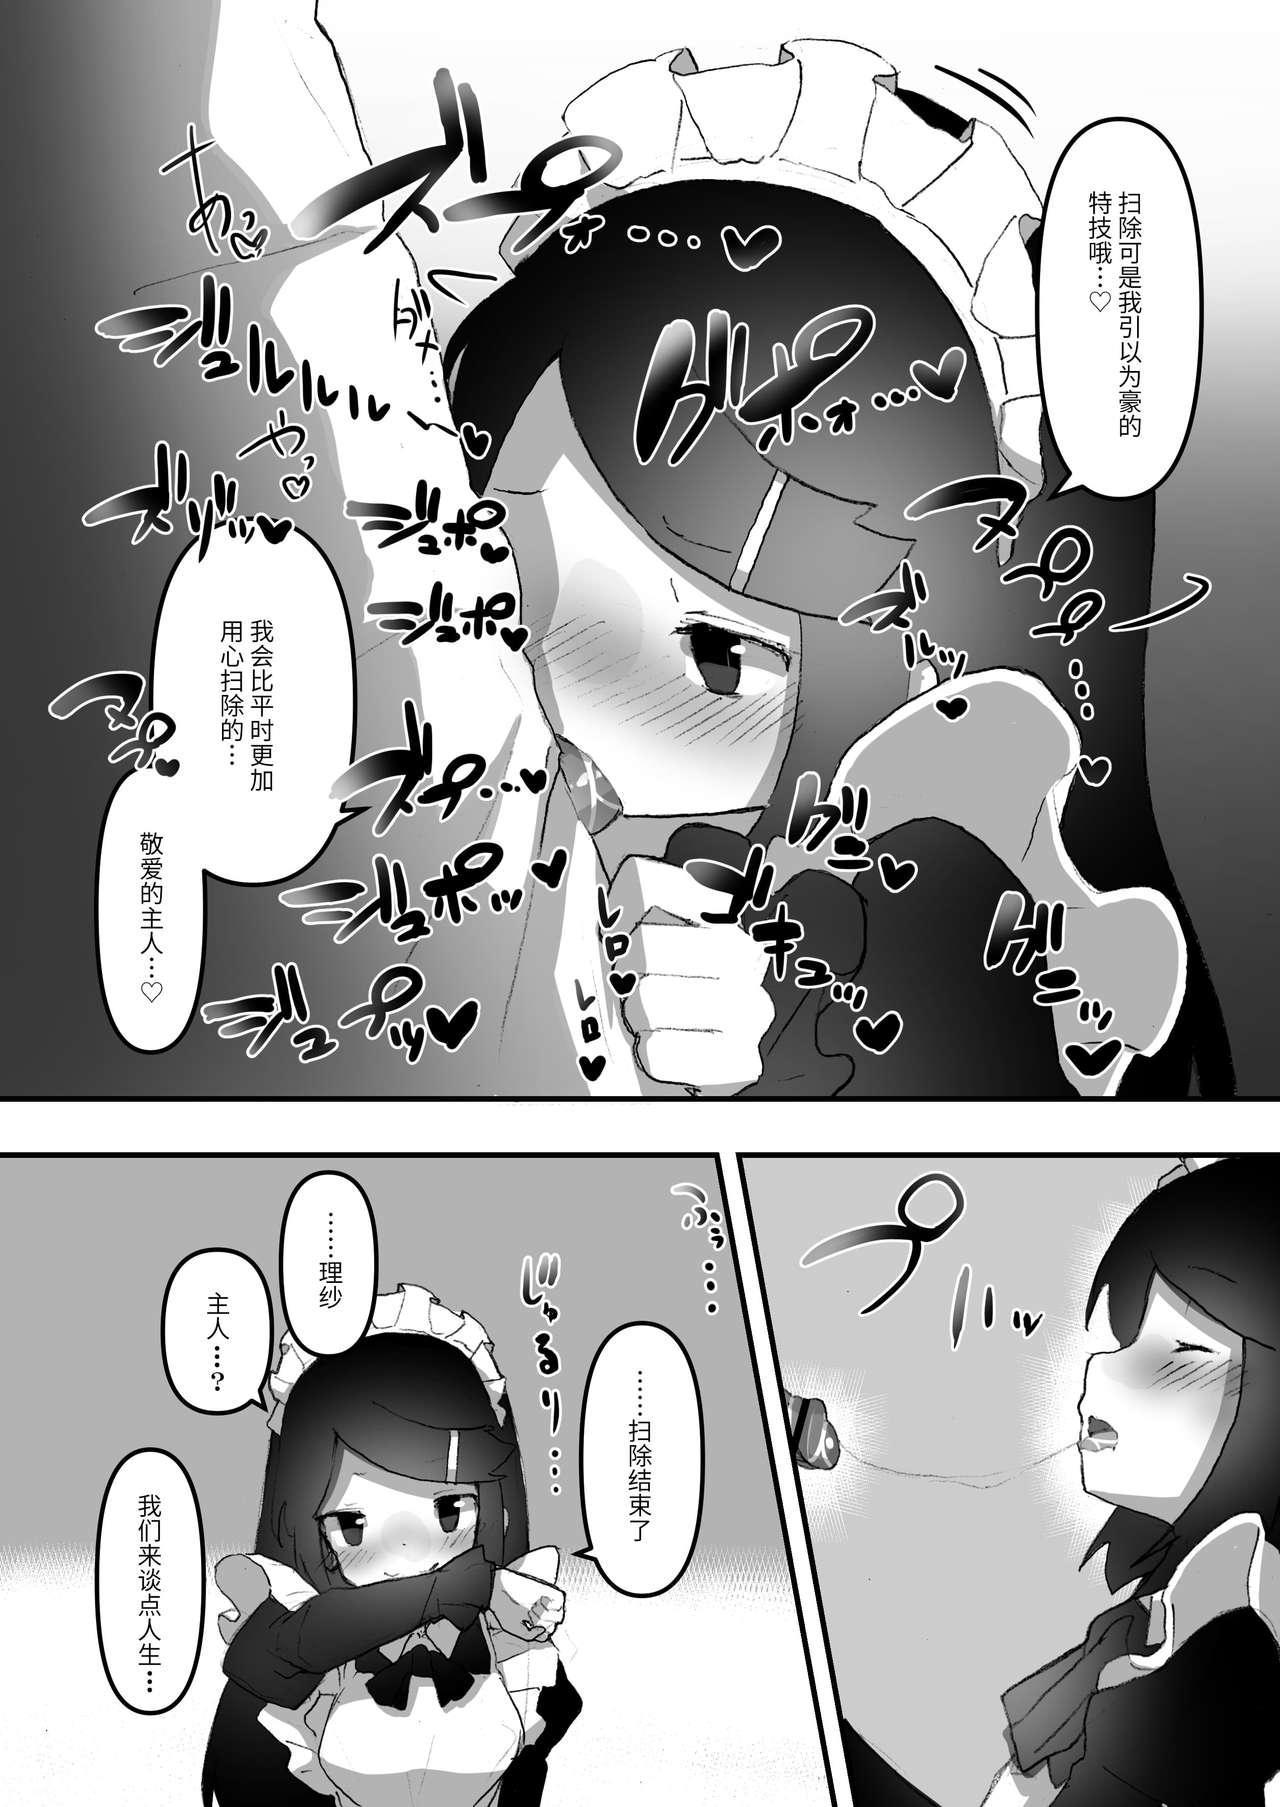 Chinkasu de kimaru Onna-tachi Comic Anthology 93